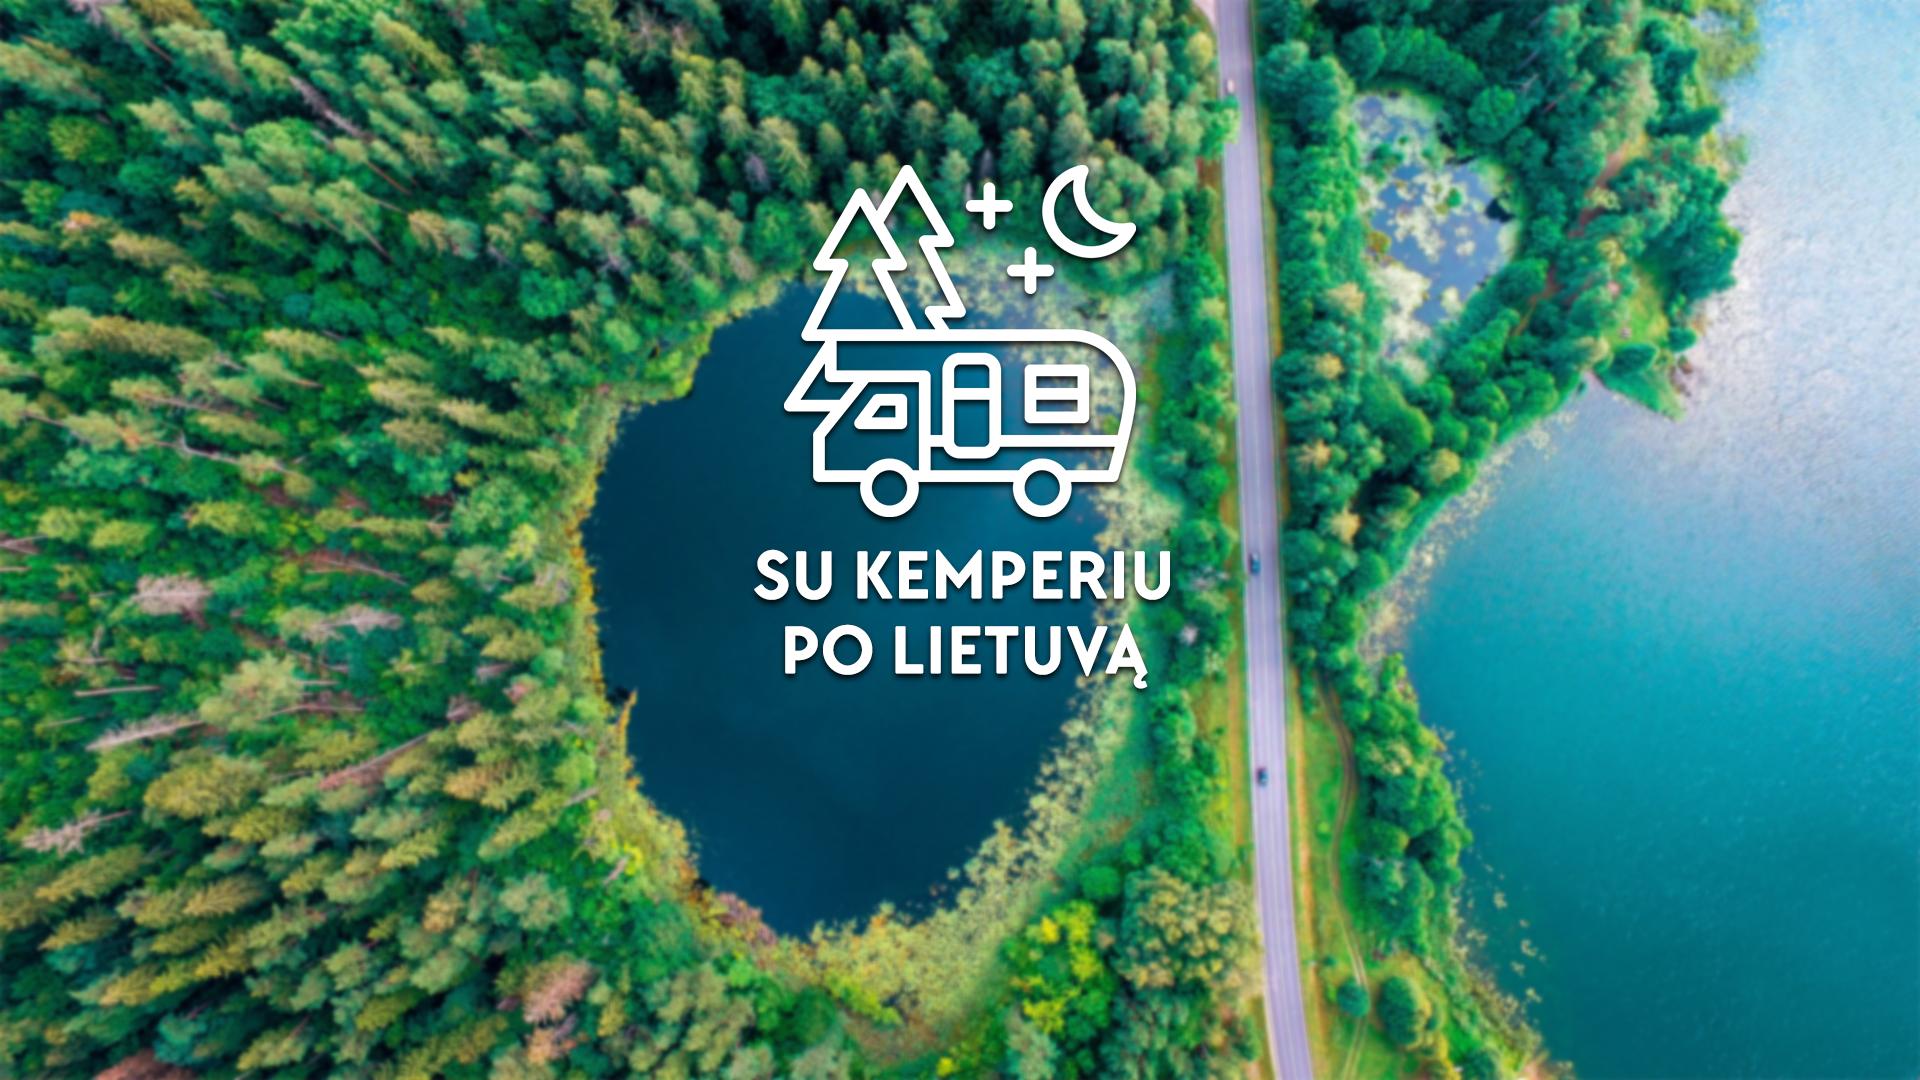 4 nauji maršrutai kelionėms su automobiliu ar nameliu ant ratų Lietuvoje! Maršrutuose ir Molėtų rajonas.